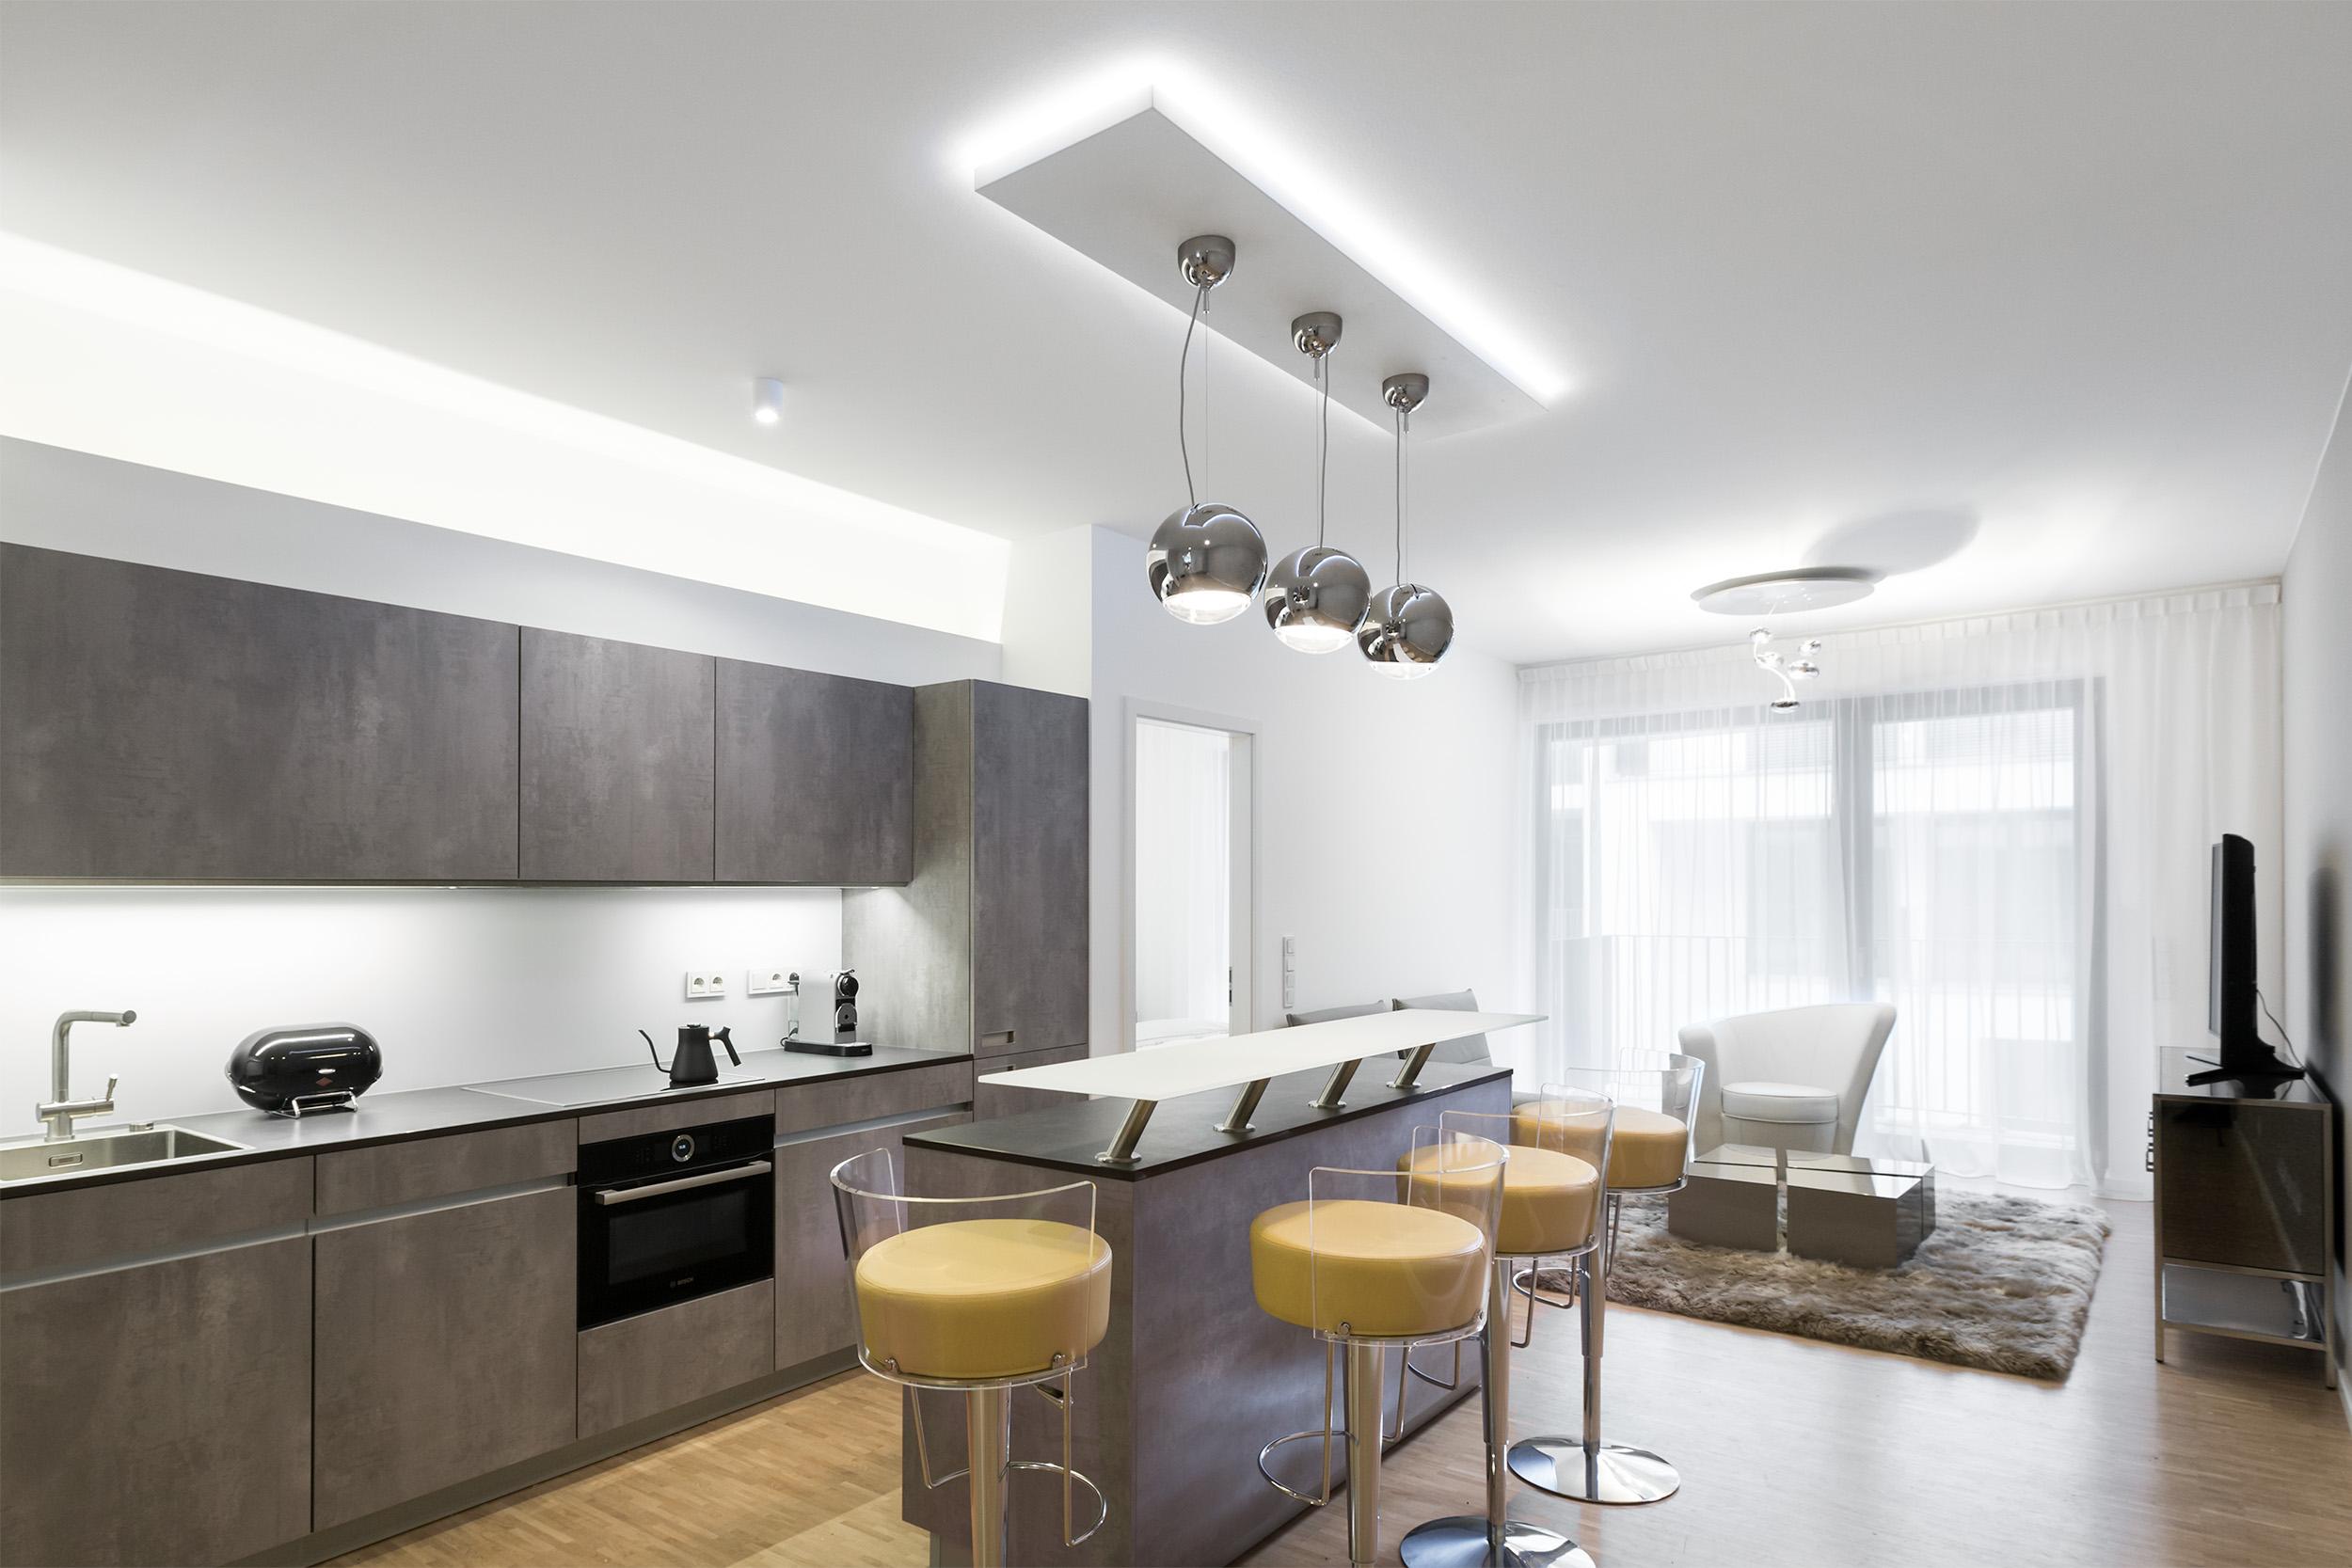 re-vamp+möbliertes+Mikropapartment+WE+169+Küche_Wohnzimmer.jpg